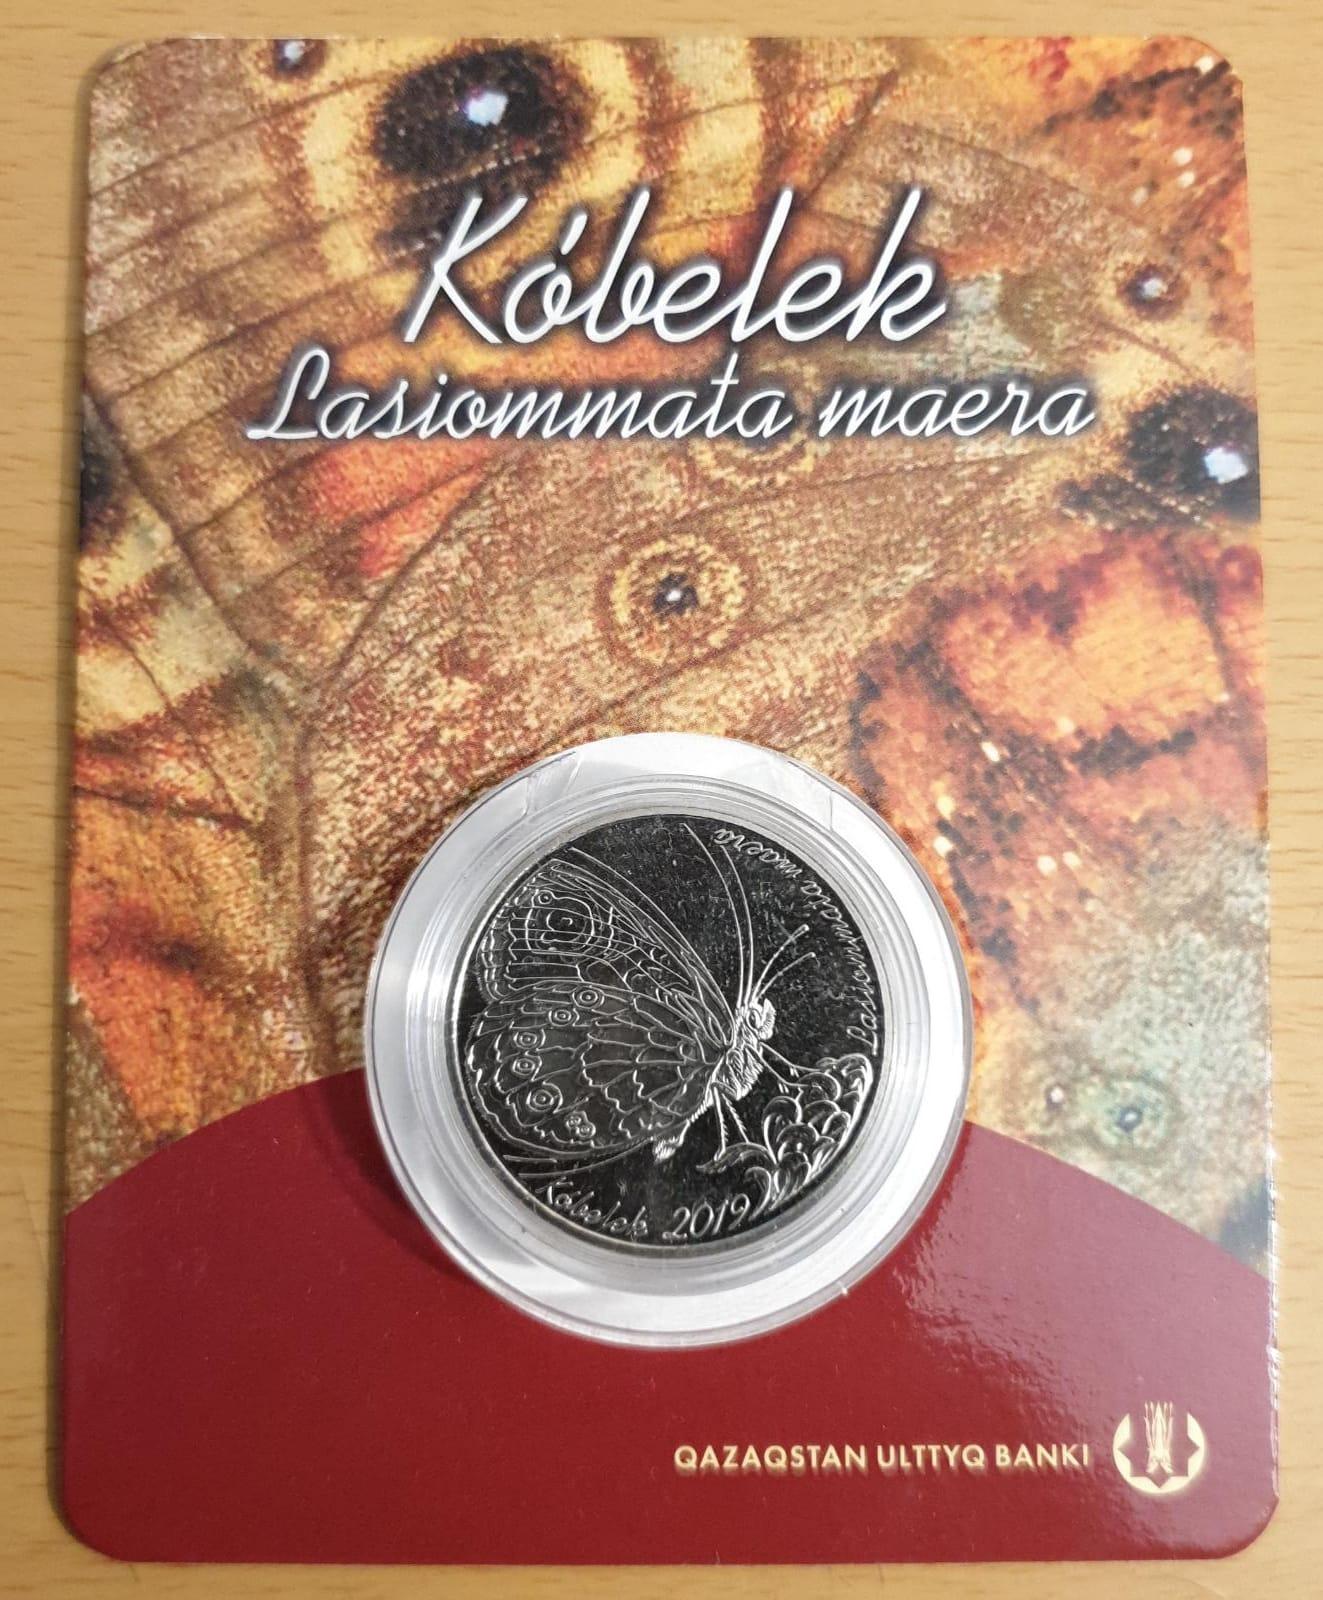 in blister Kazakhstan 100 Tenge 2019 Butterfly Lasiommata Maera